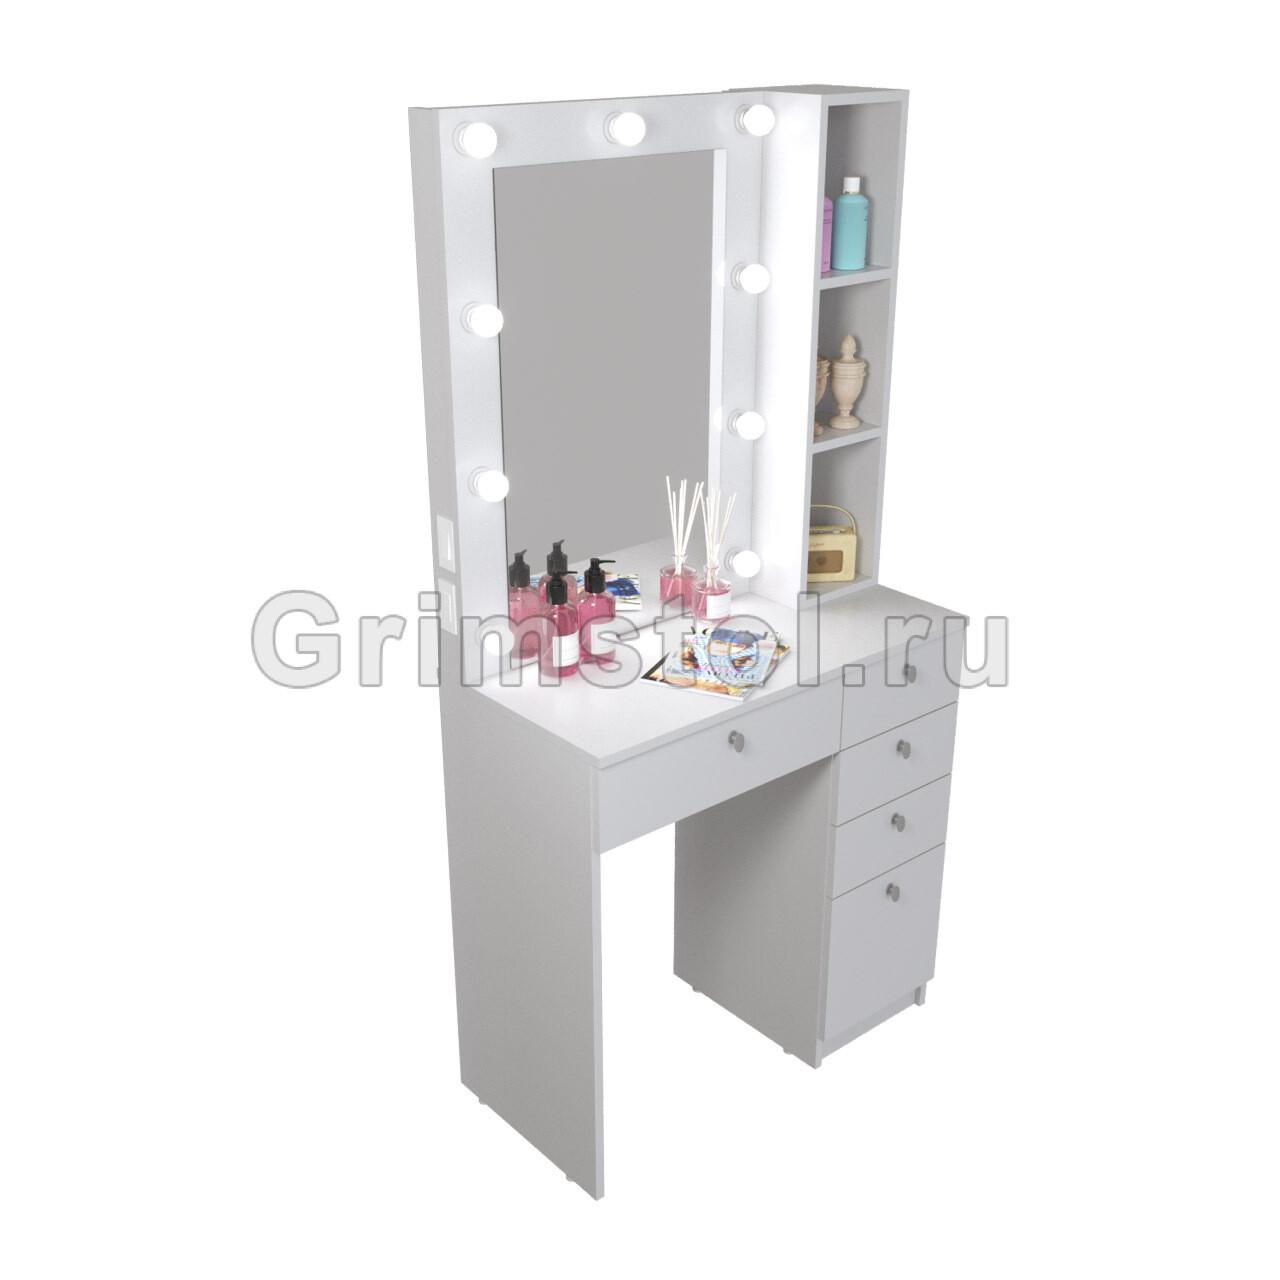 Гримёрный столик 2РЕ60